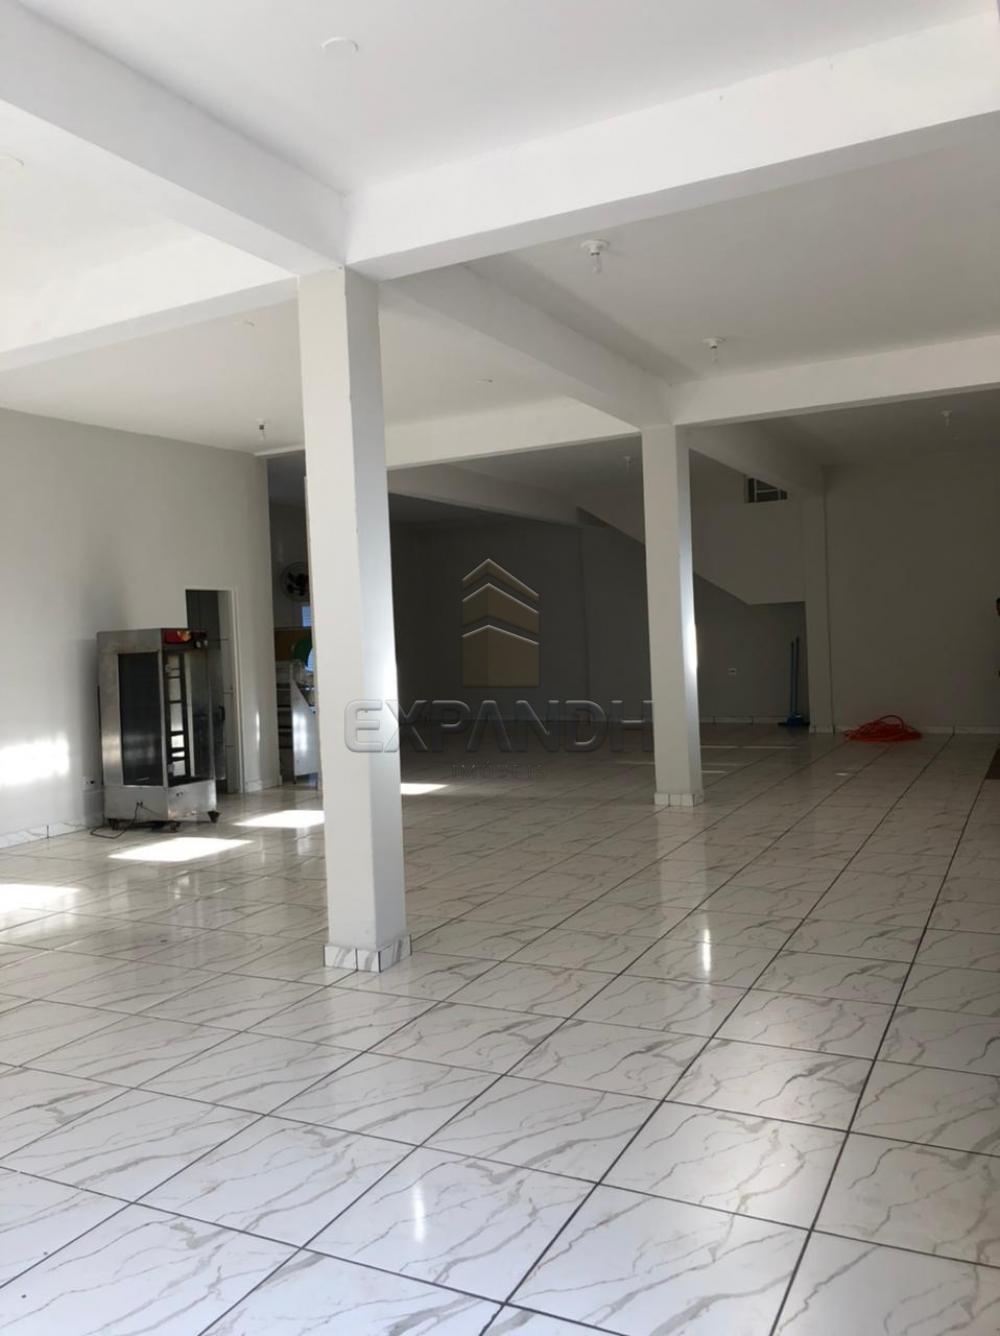 Alugar Casas / Padrão em Sertãozinho R$ 8.000,00 - Foto 2